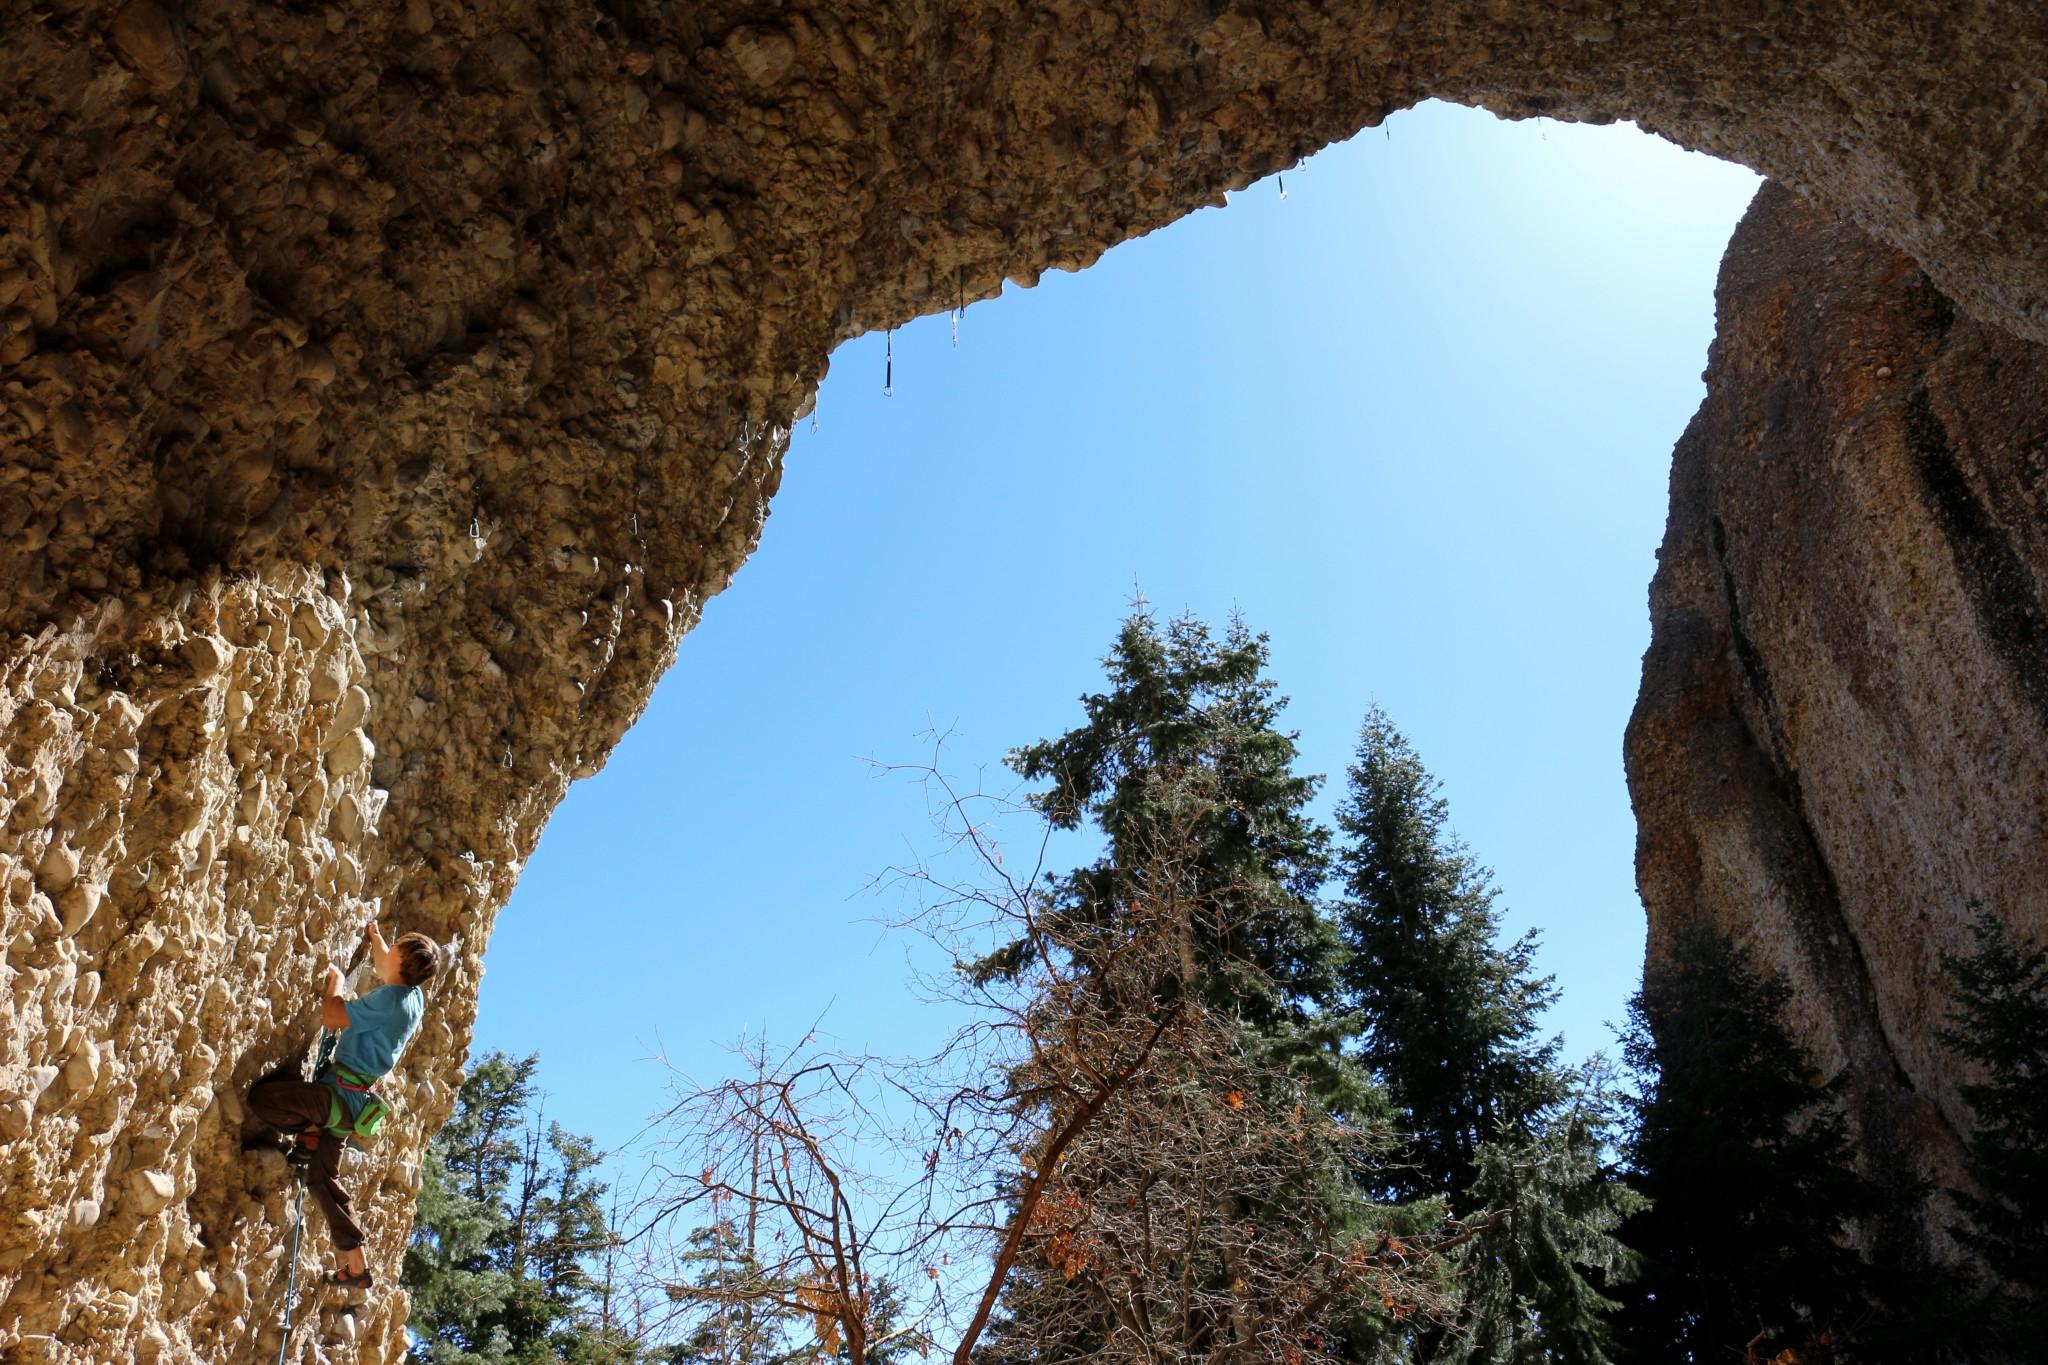 La forme retrouvée, Jim cueille à point dès le 1er jour Squeal Like A Pig 8a, au son des roucoulements incessant des pigeons peuplant la grotte.